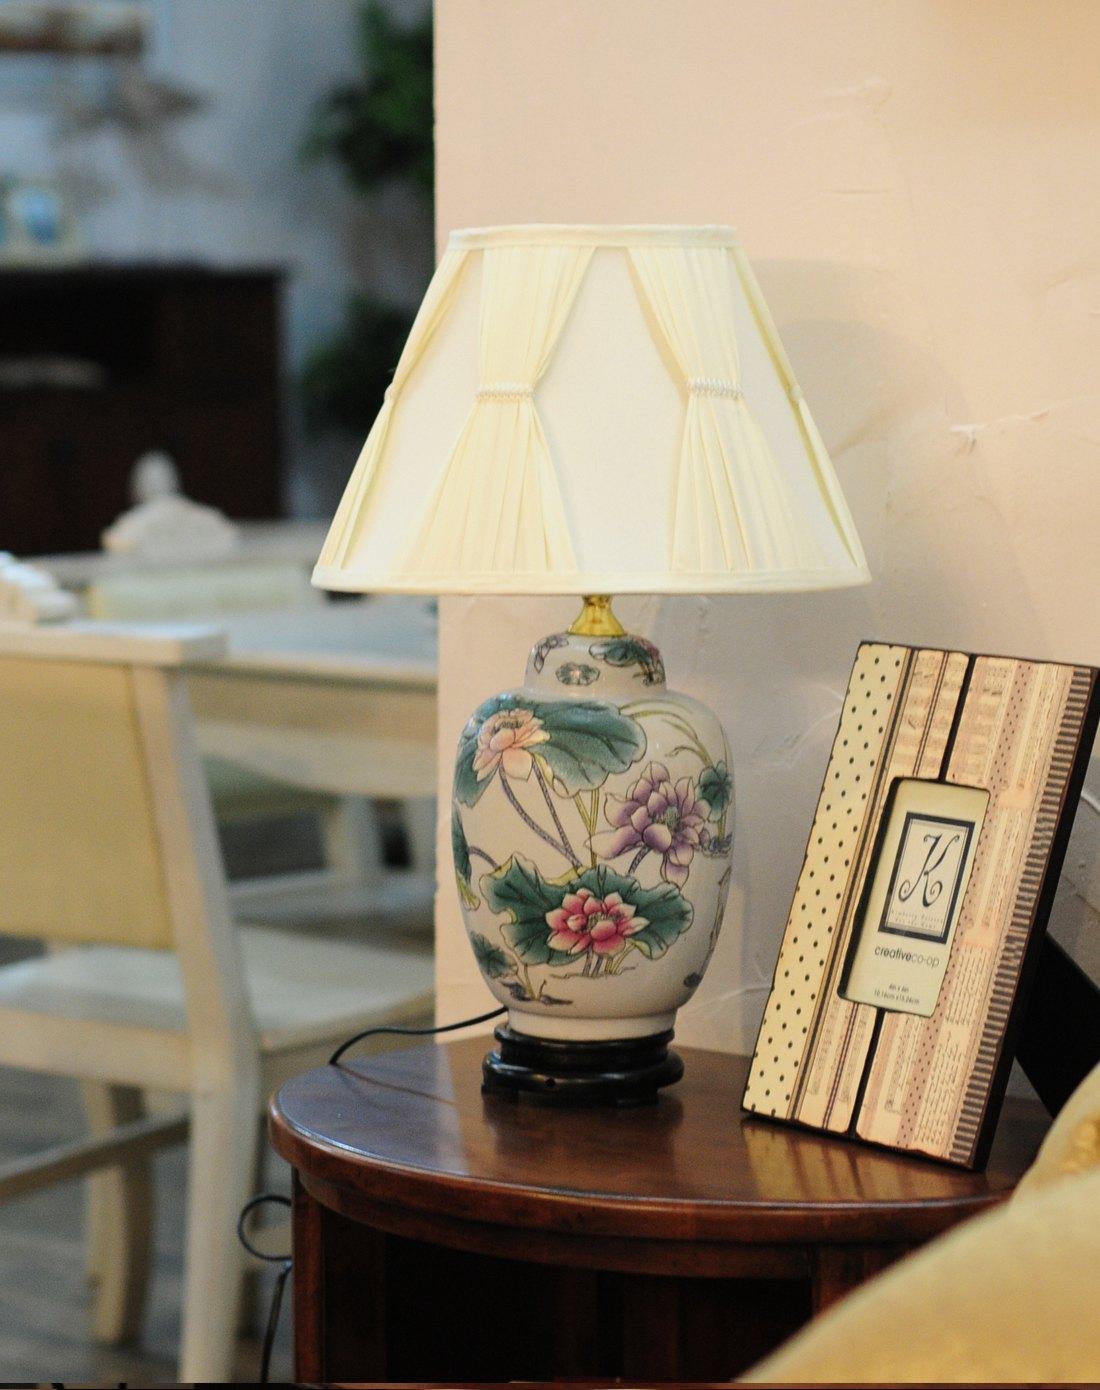 中式手绘荷花陶瓷装饰台灯